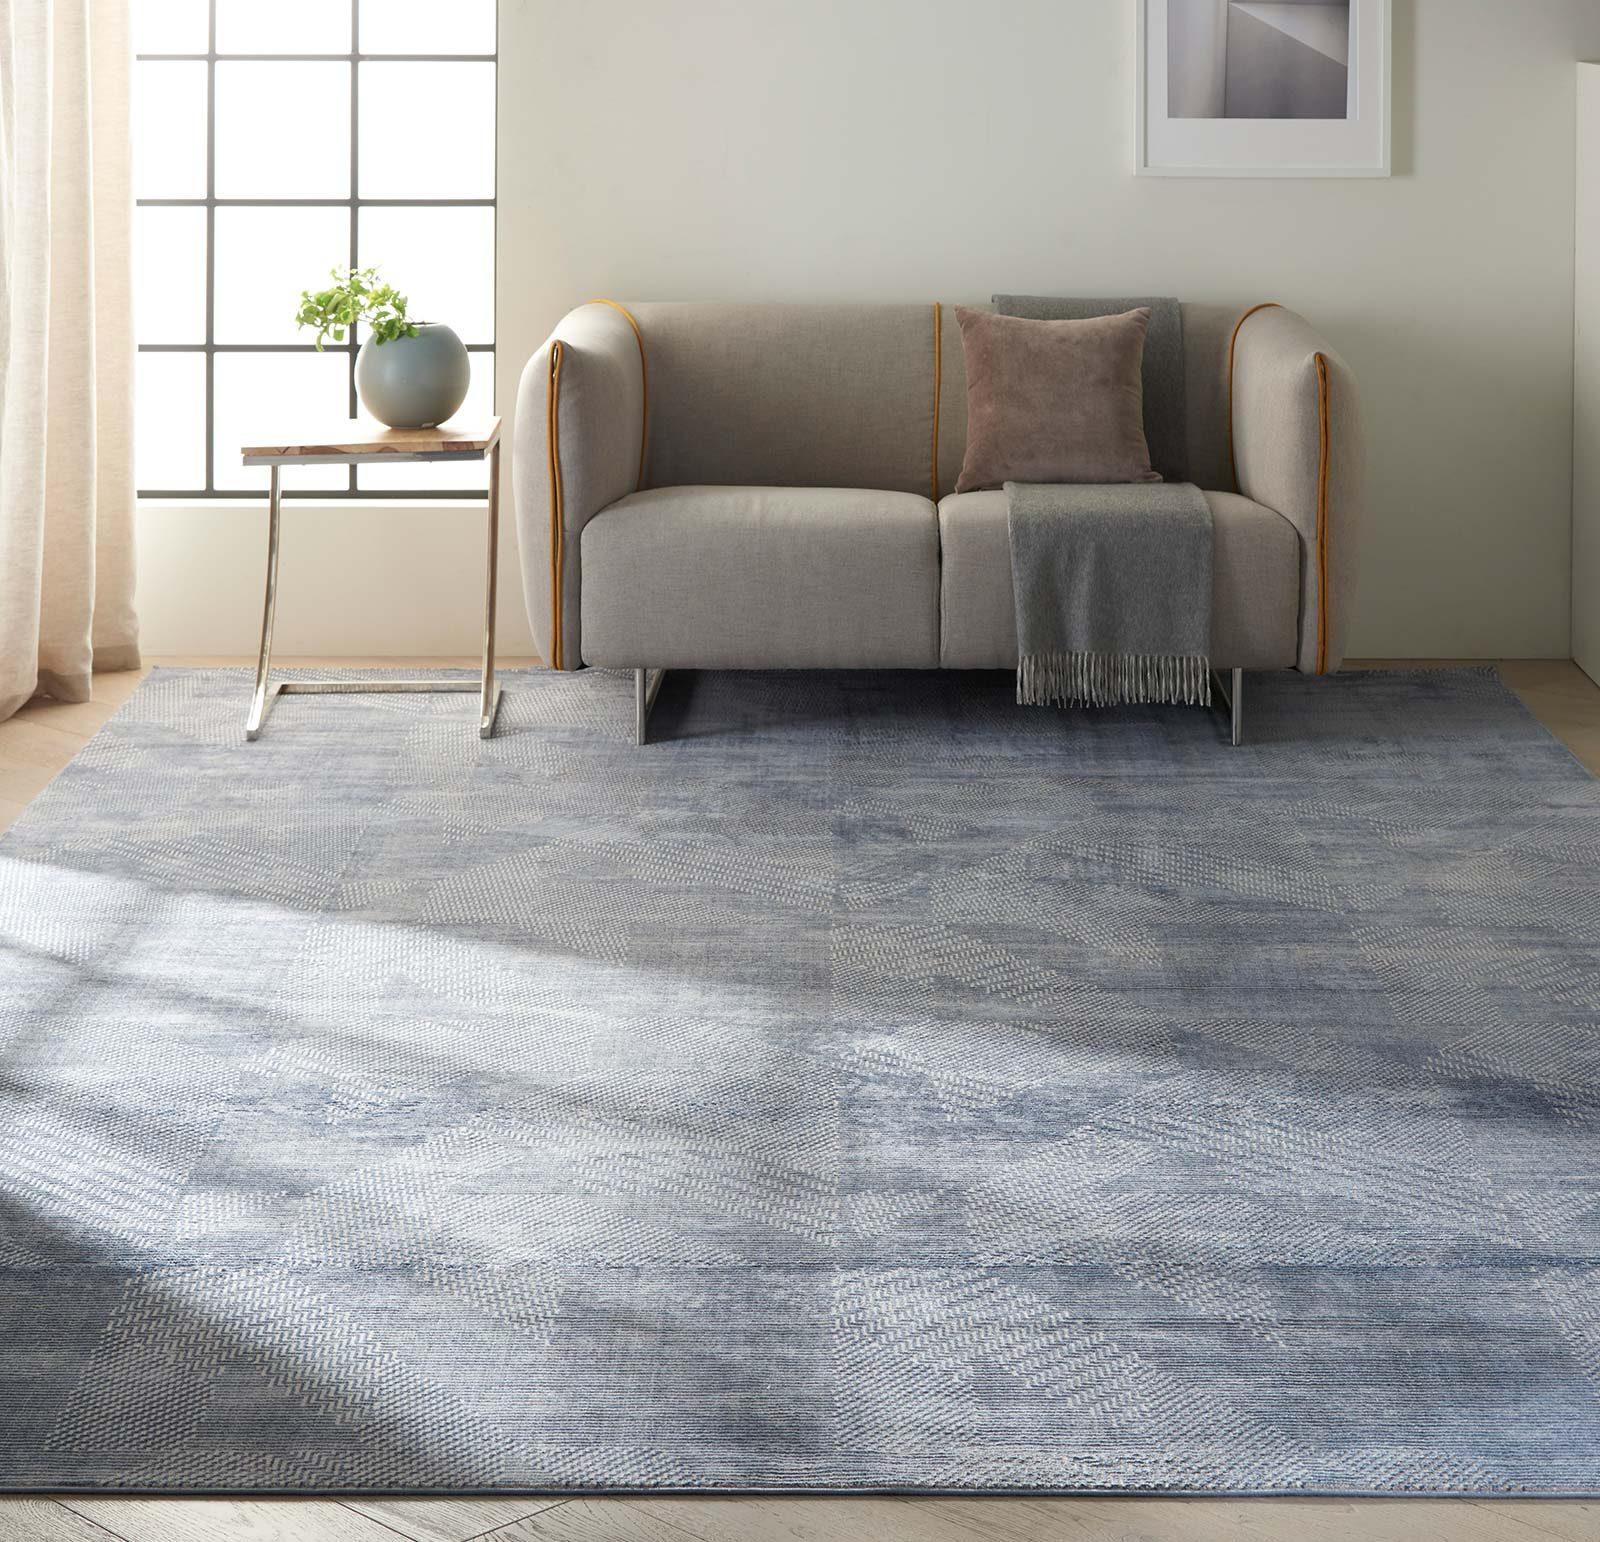 Calvin Klein rug Orlando CK850 CK852 GREY BLUE 8x11 099446488190 interior 1